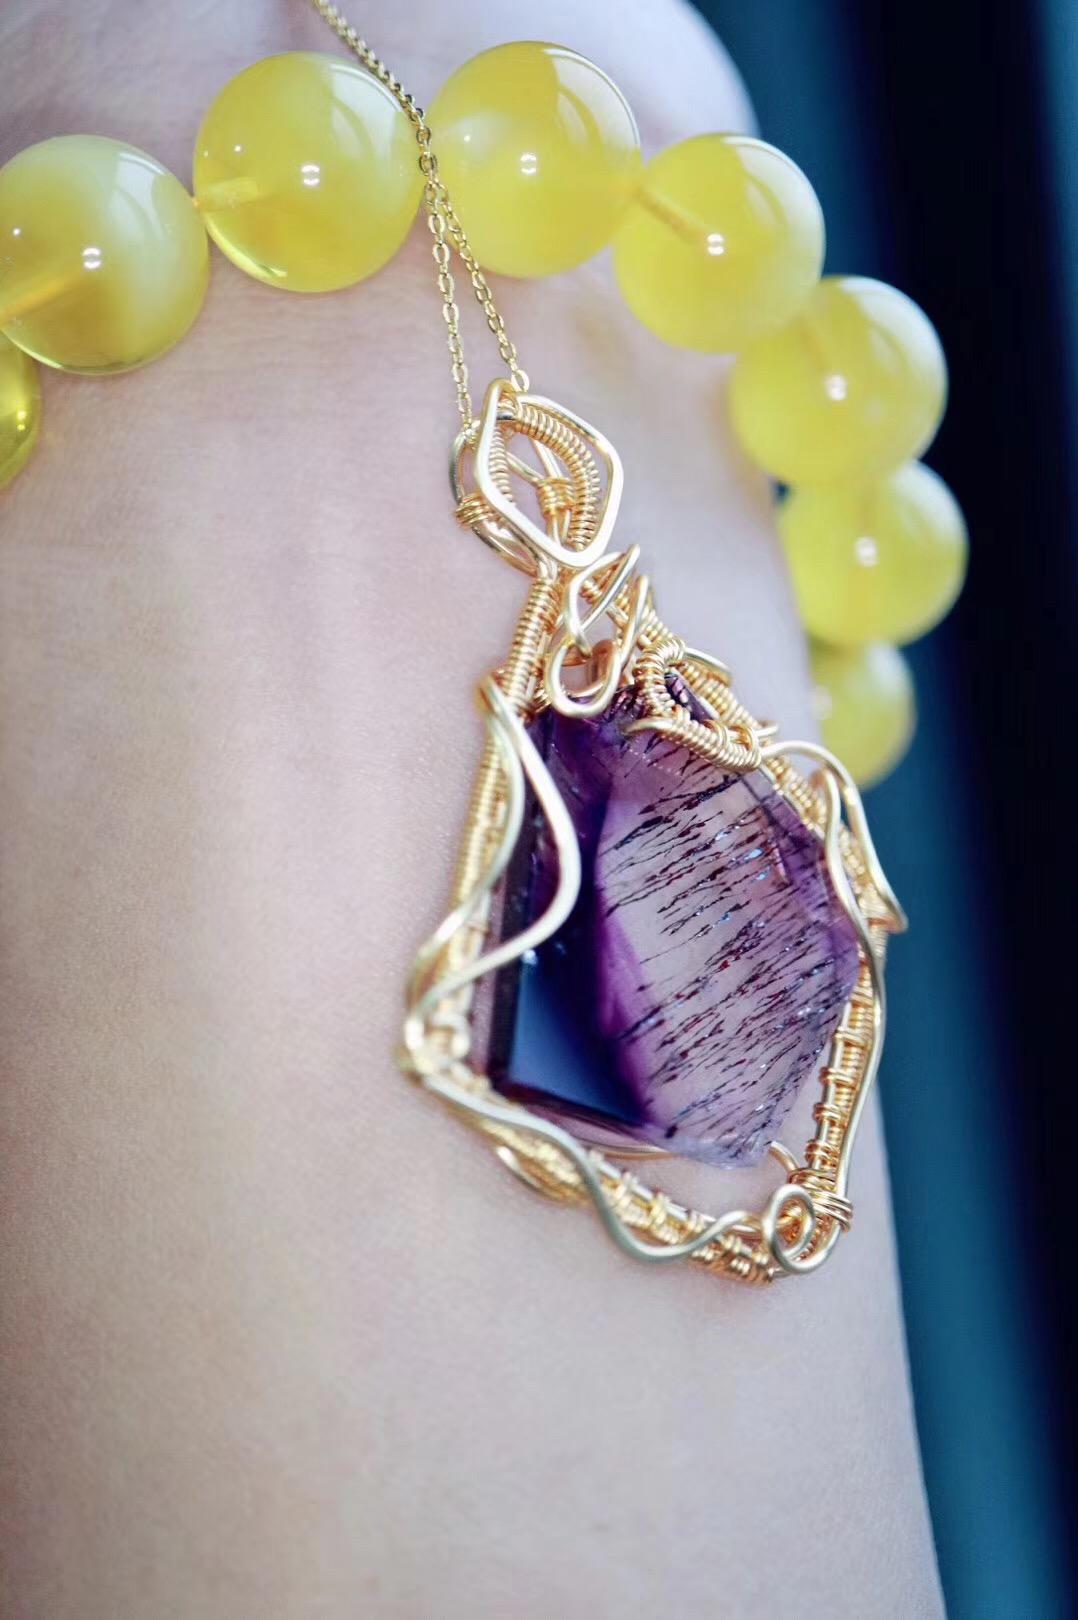 【菩心紫发晶】 让自己幸福起来 有时候或许很简单-菩心晶舍